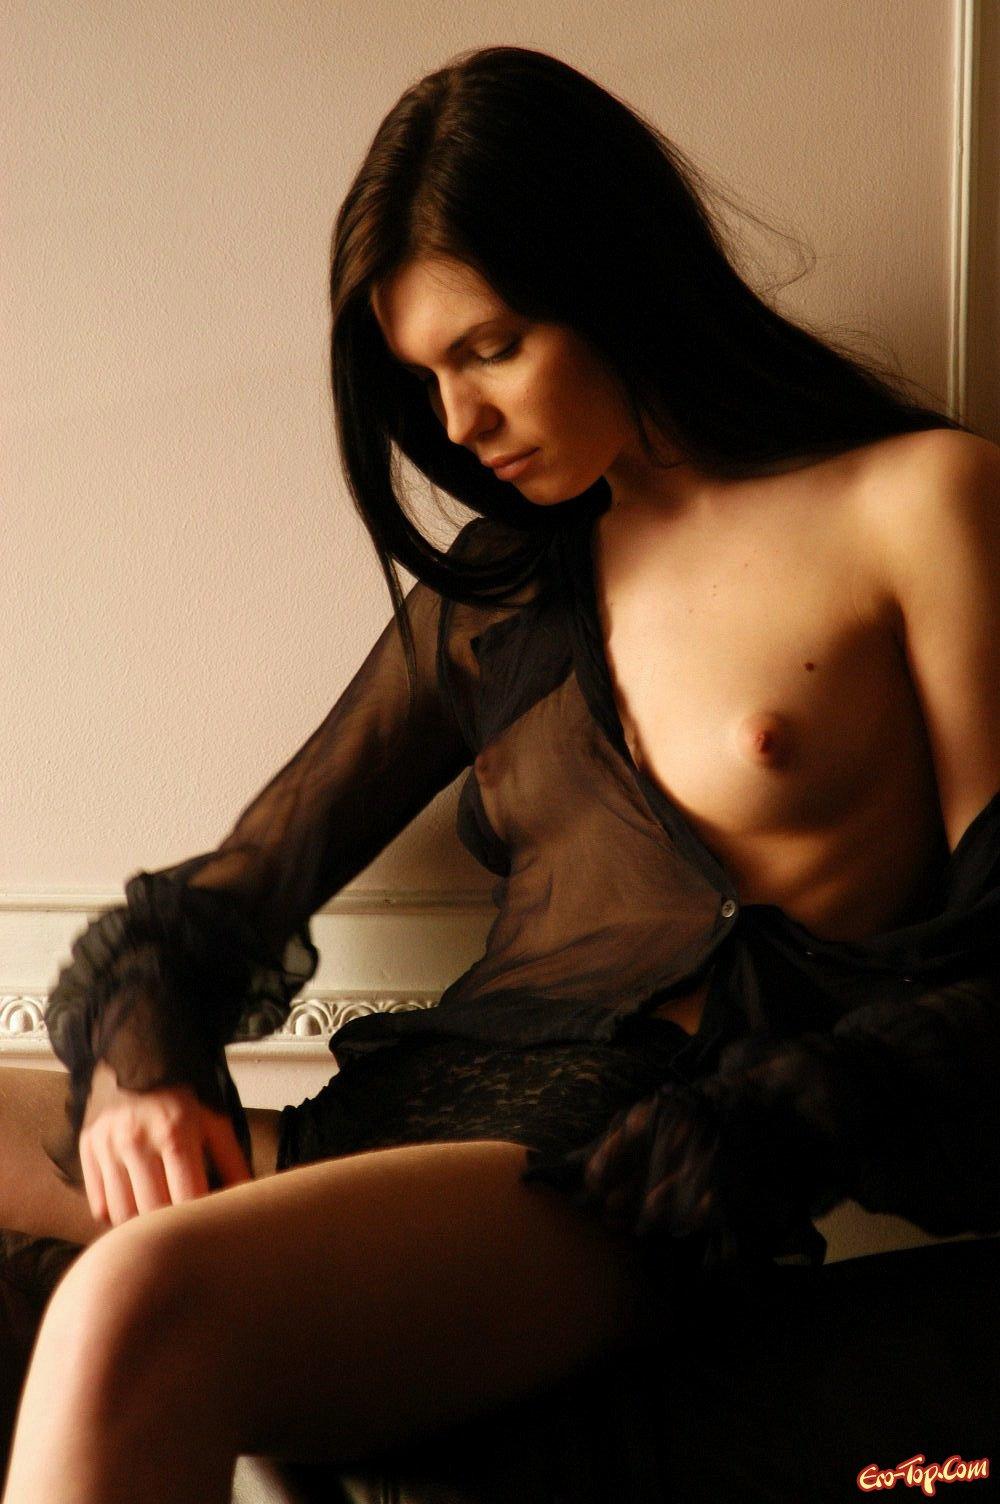 Девка показала свои сиськи смотреть эротику